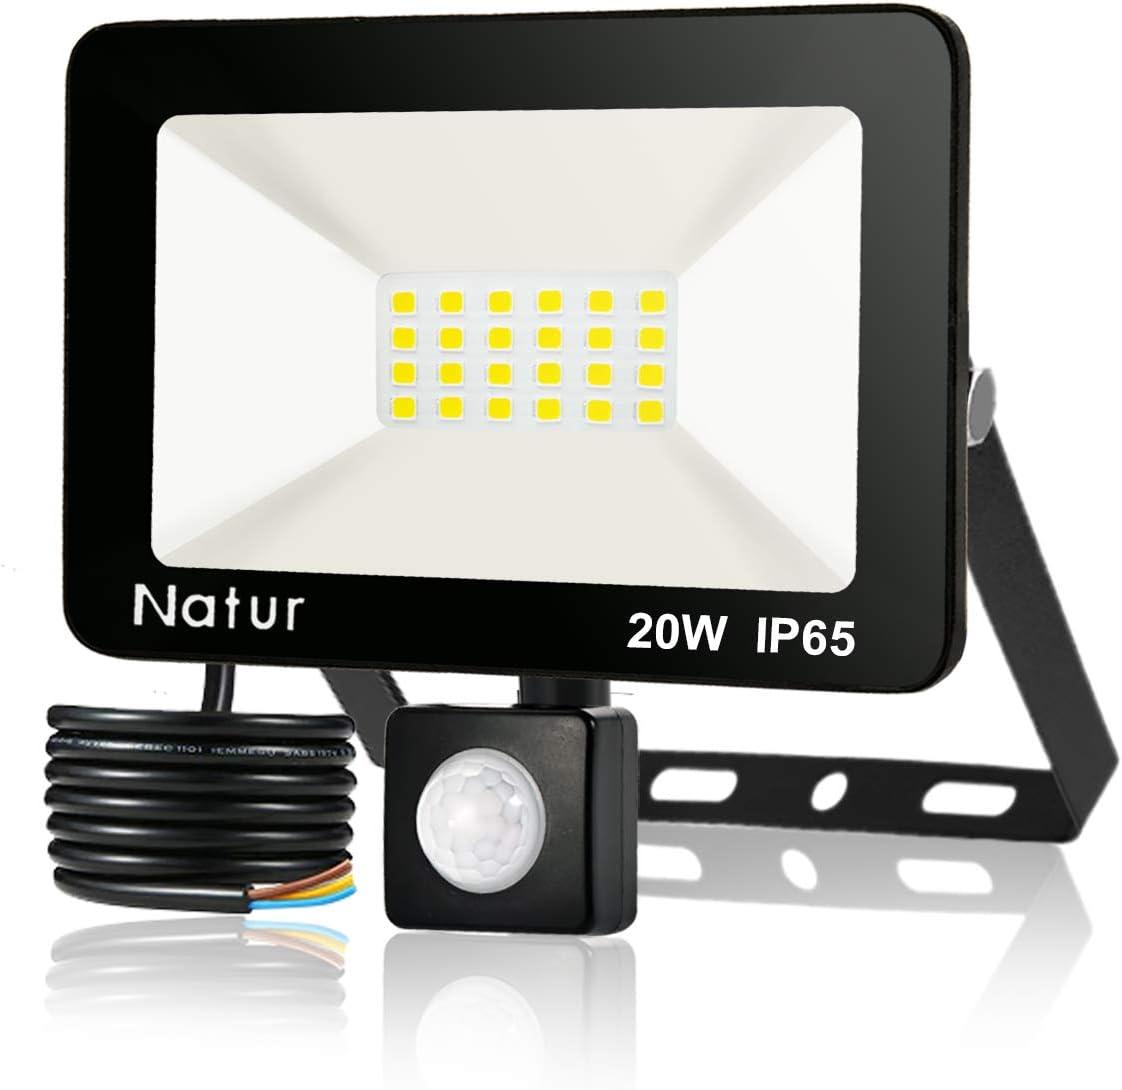 20W Foco LED con Sensor de Movimiento, Proyector Led Exterior Super Brillante 6000K Blanco Frío Foco LED Detector IP65 Impermeable para Jardín, Patio, Garaje [Clase de eficiencia energética A++]